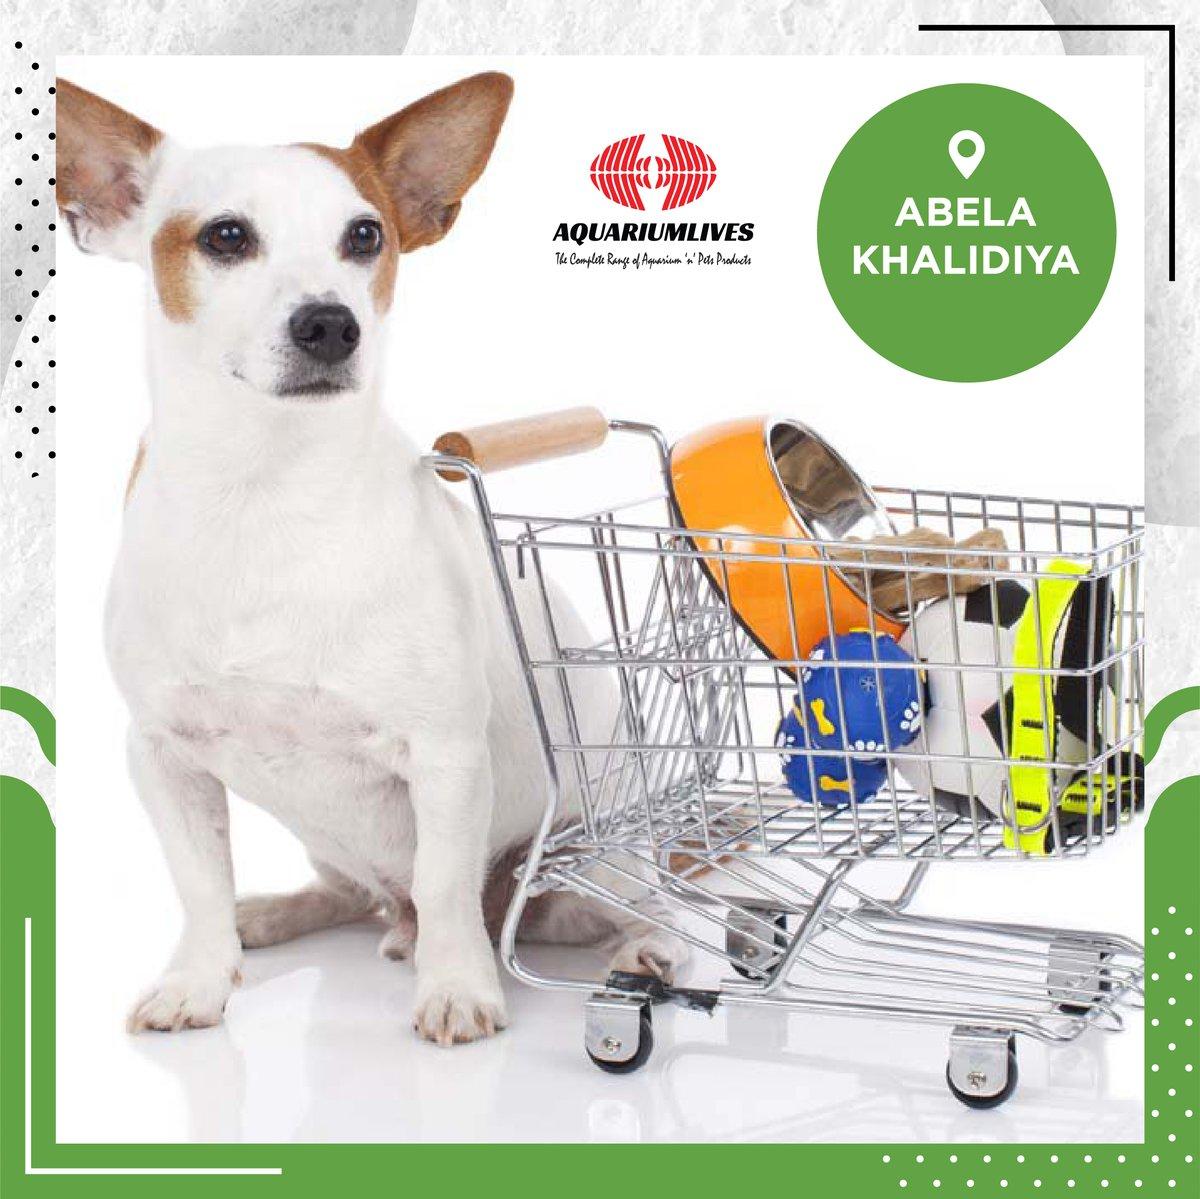 All your pet supplies, available at Aquarium Lives at Abela Plaza, Khalidiya 🐶 🐱   #souqplanet #smartshopper #onlineshopping #groceryshopping #inabudhabi #dubai #alain #uae #vegan #madinatzayed #safeplanet #souqplanetplaza #socialdistancing https://t.co/yXJHWvJhOr